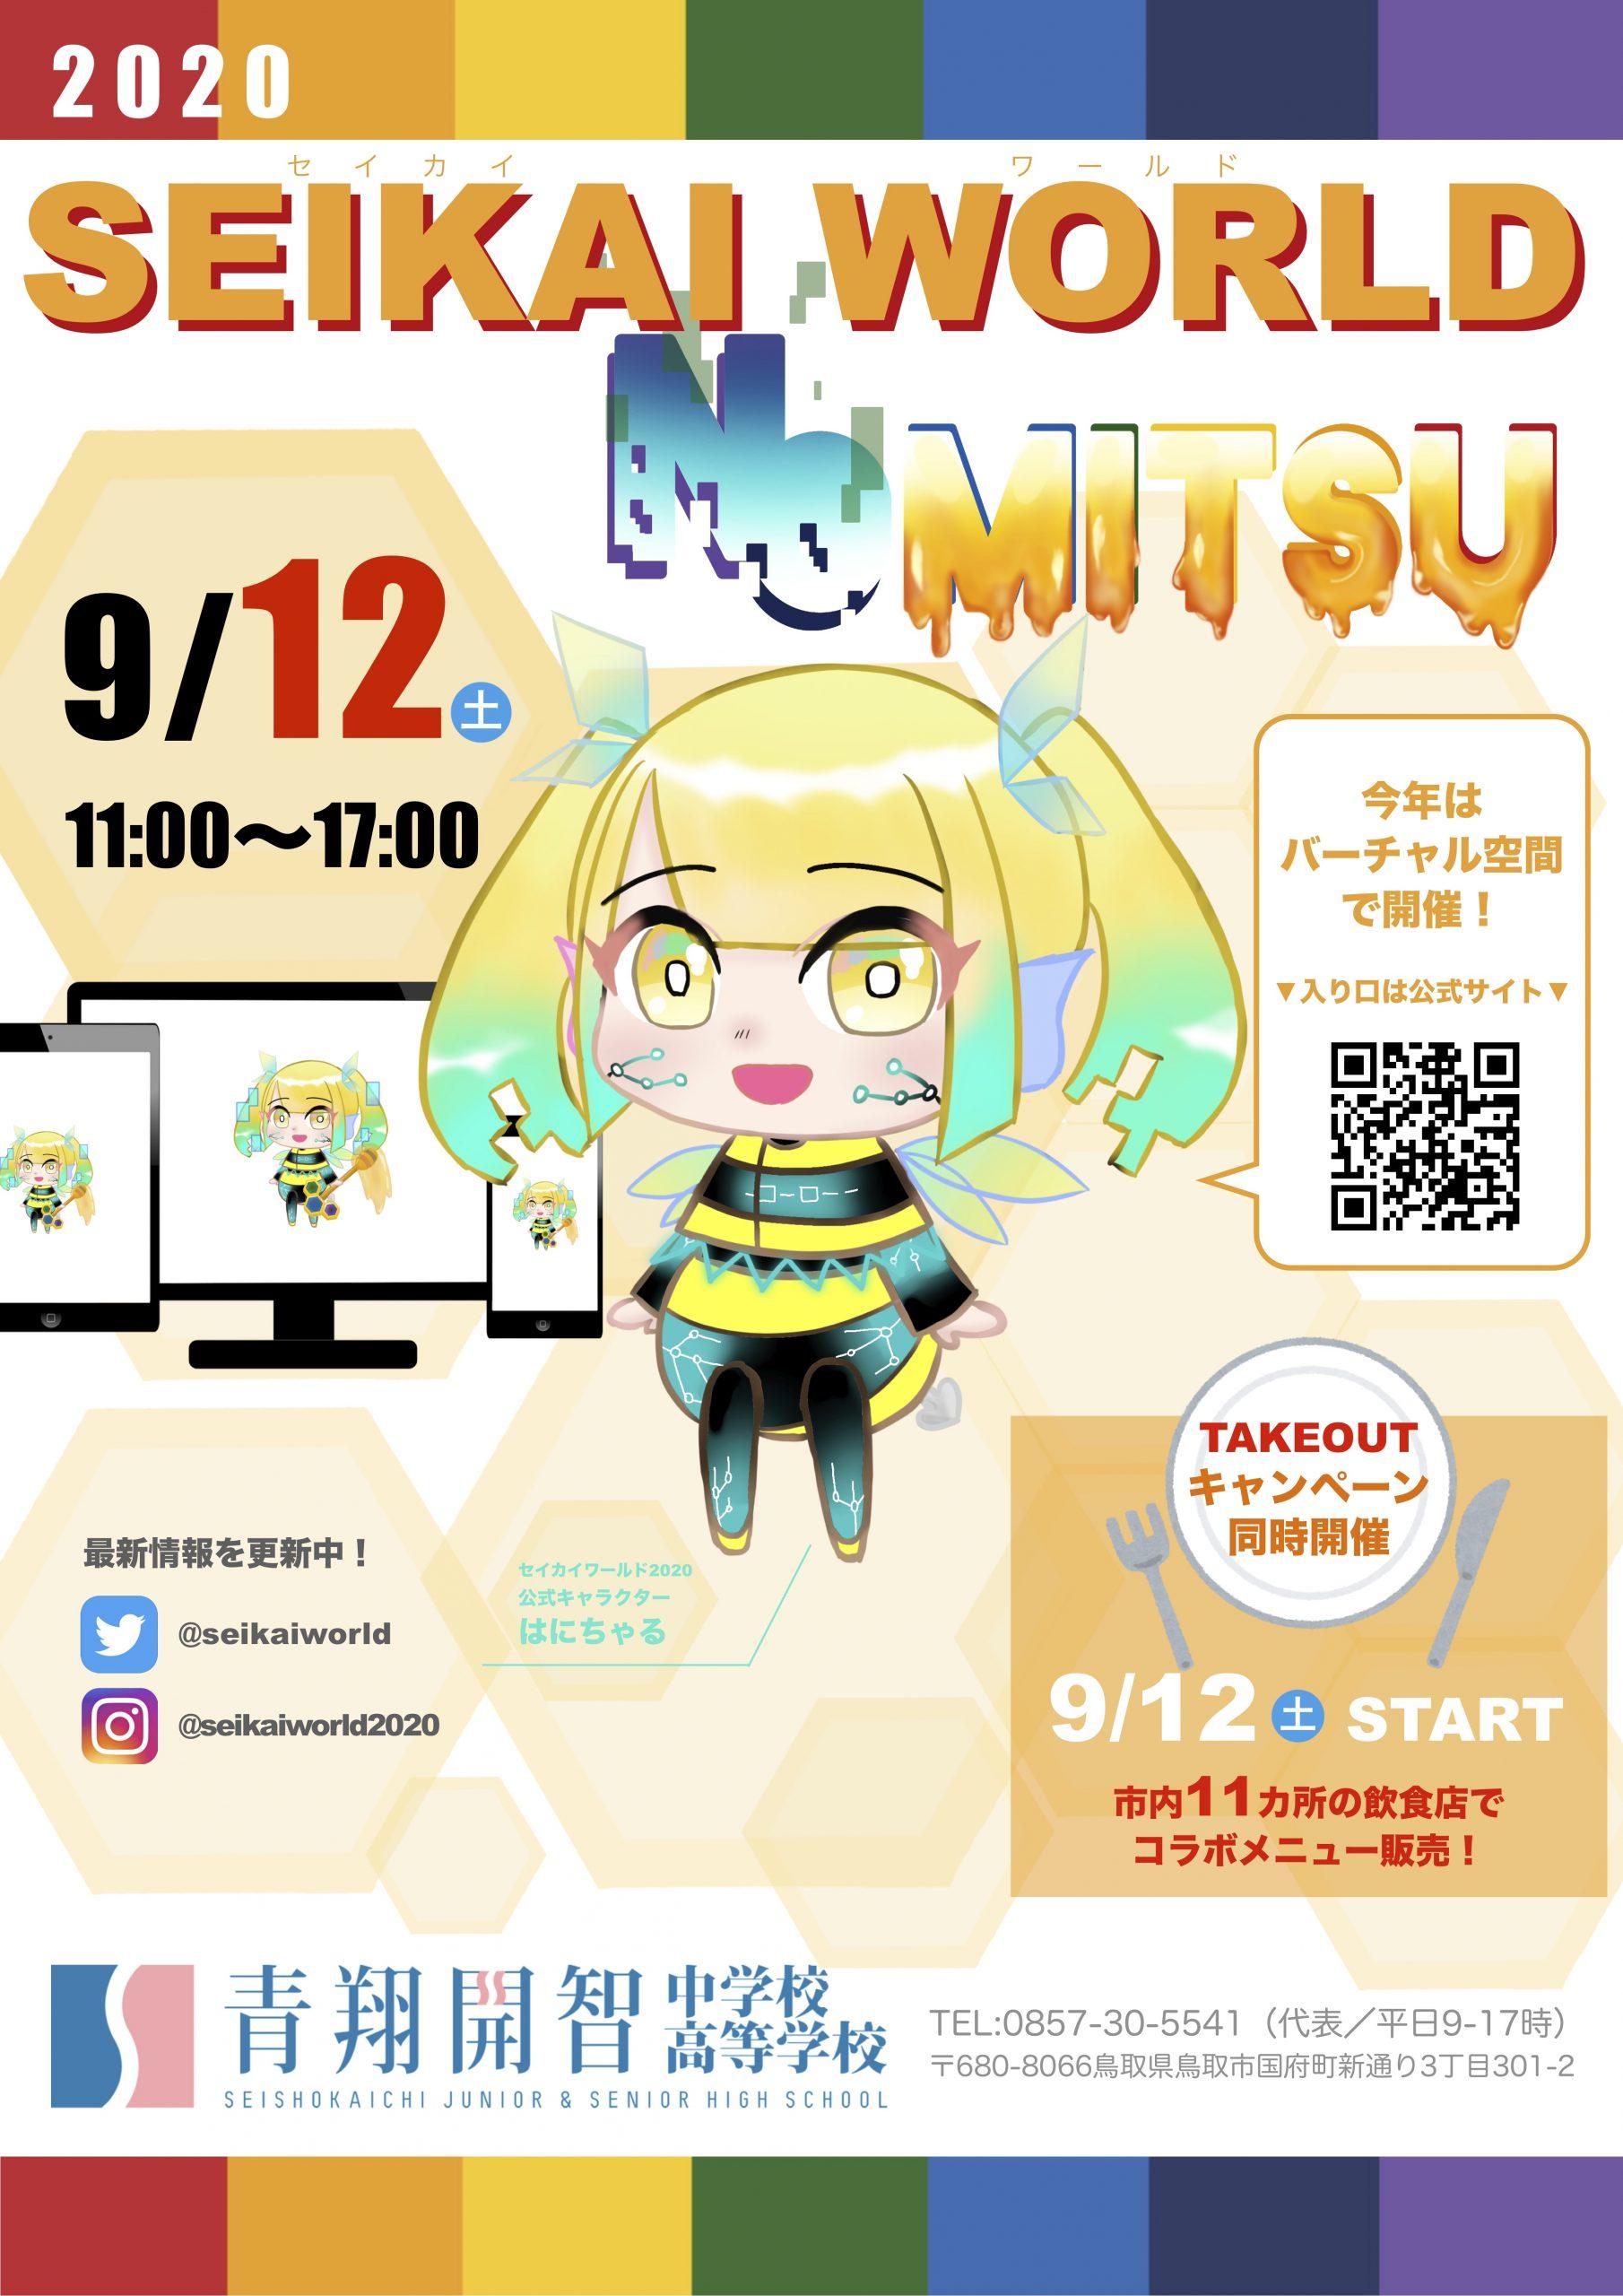 オンライン学園祭「青開世界(セイカイワールド)2020 -NO MITSU-」